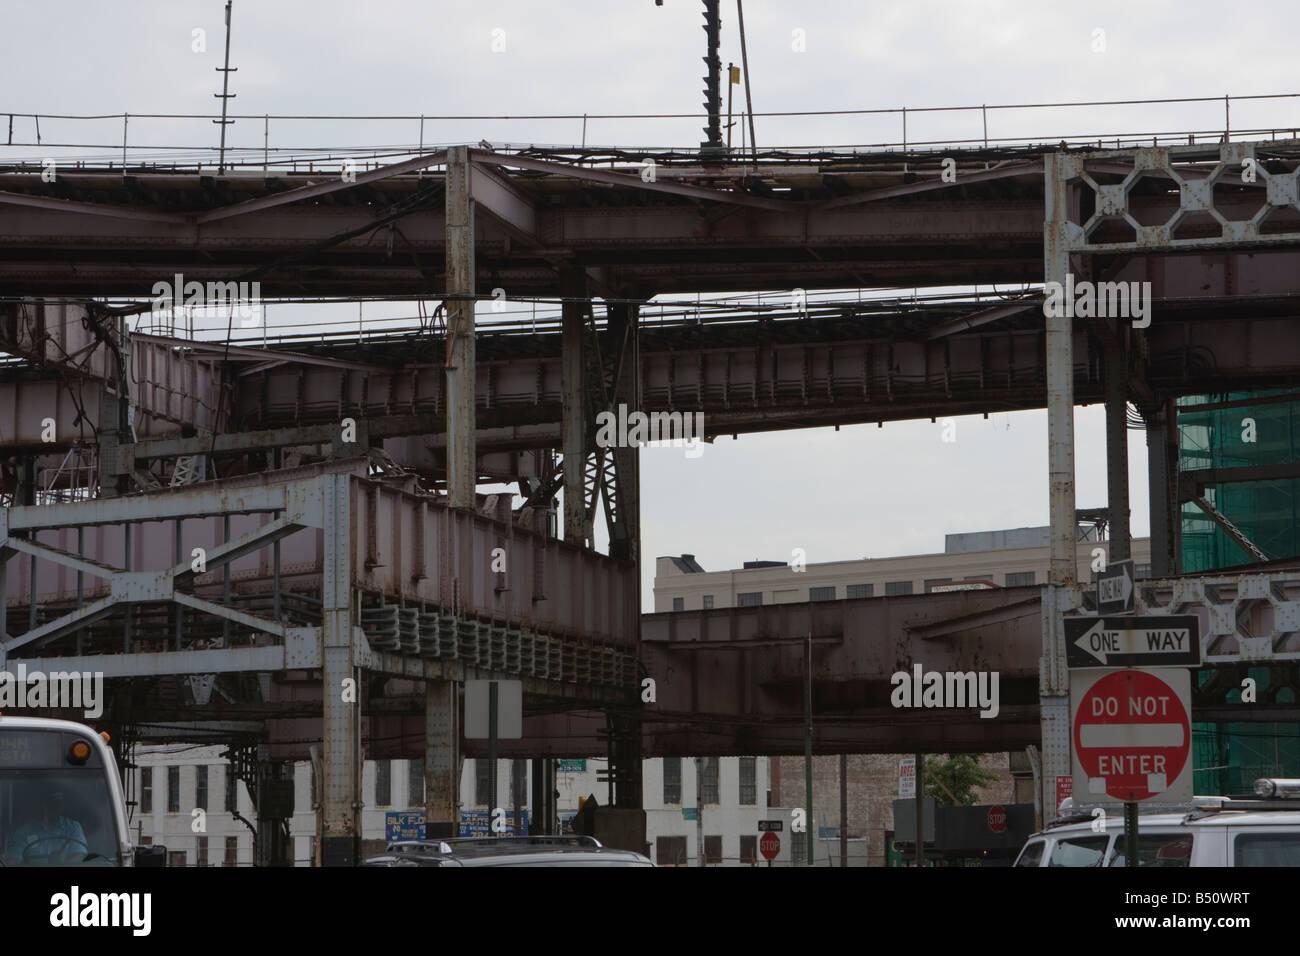 Queens plaza highway mess - Stock Image